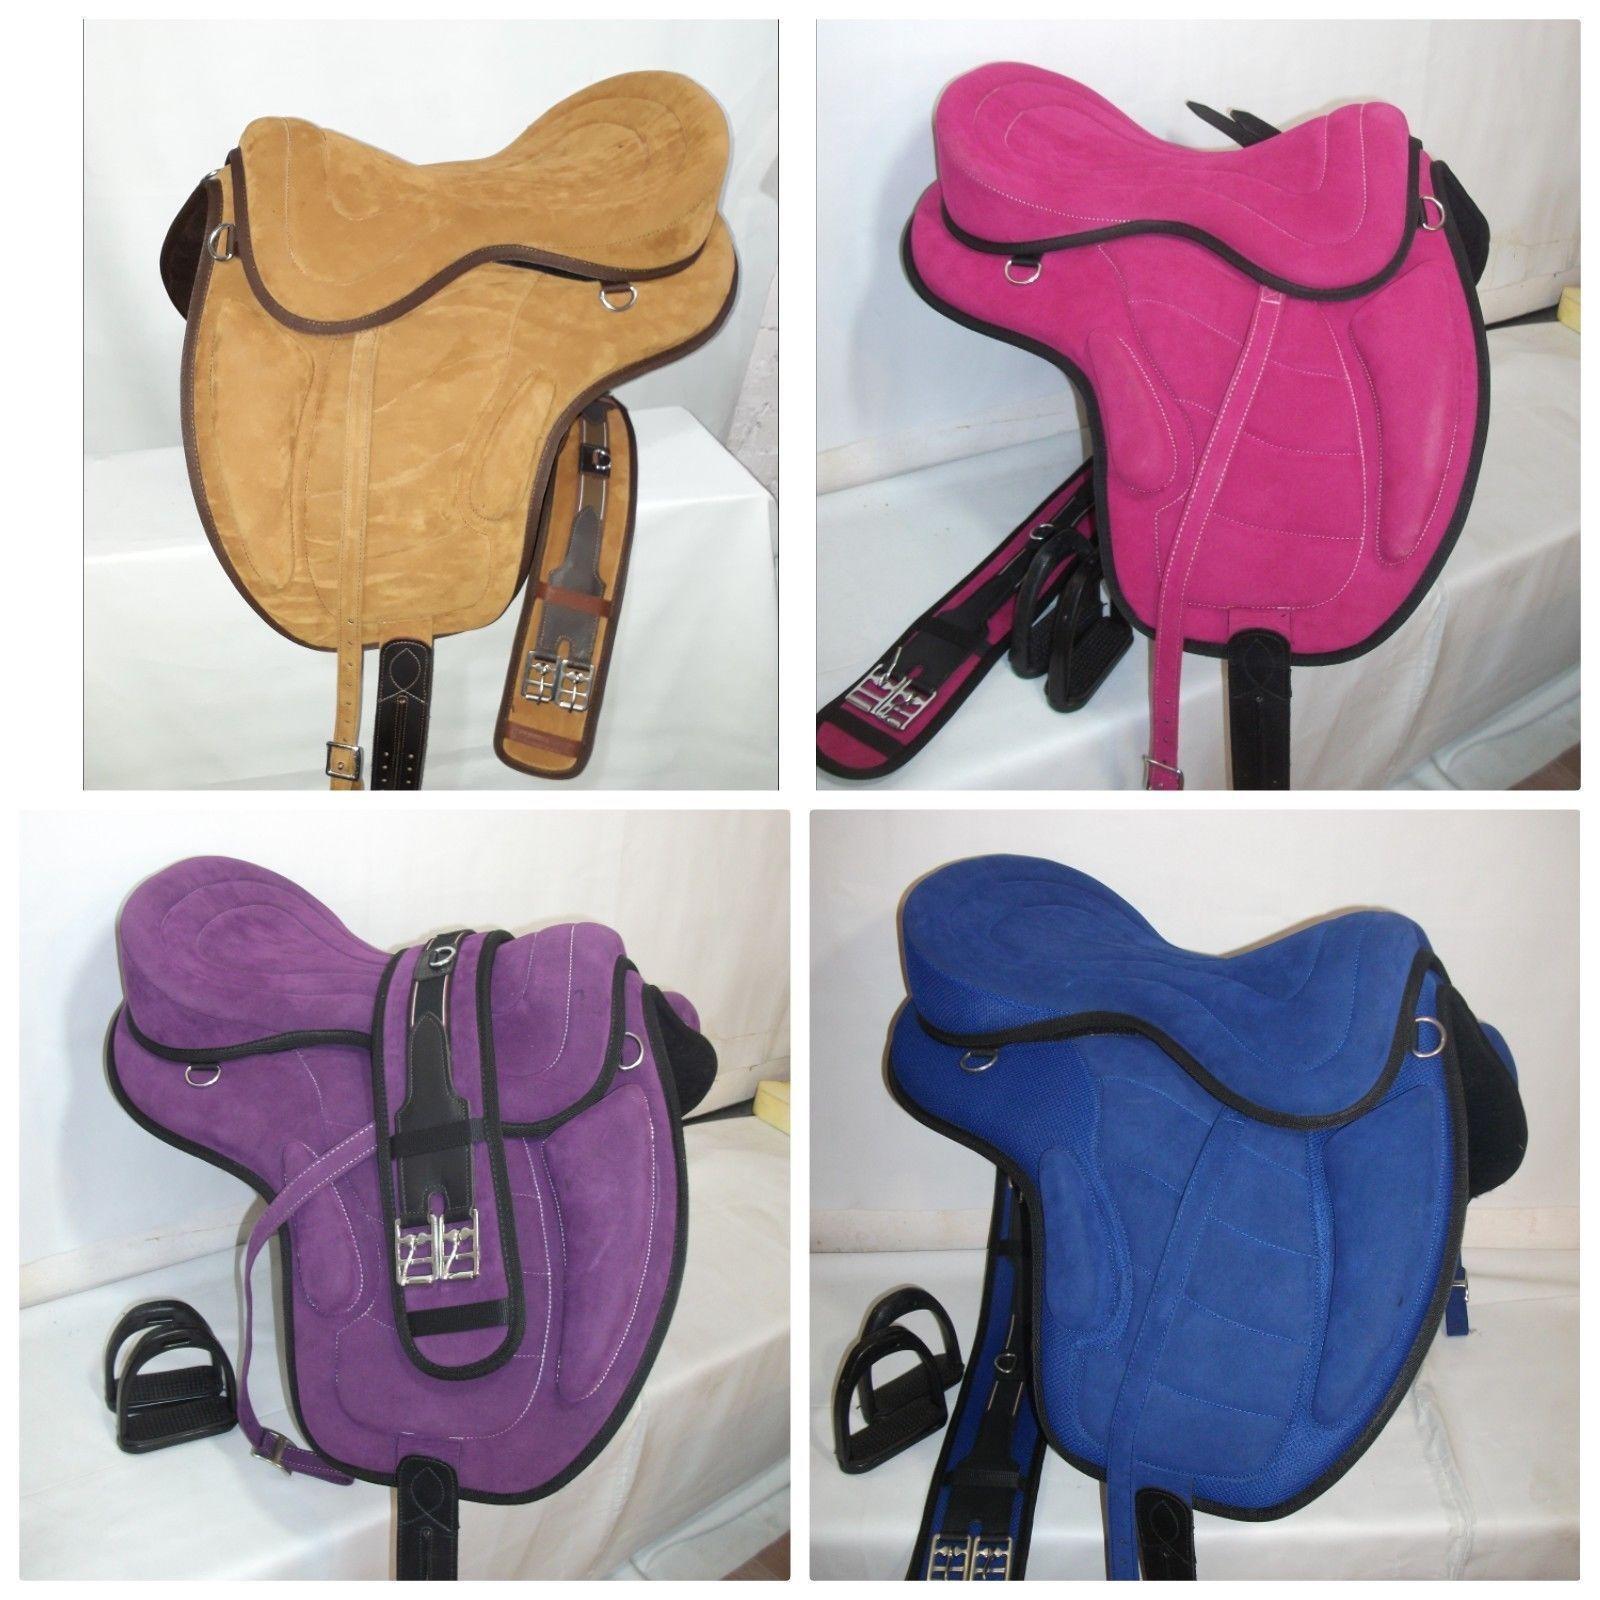 Treeless Freemax Synthetic Suede Saddle English Saddle All Sizes